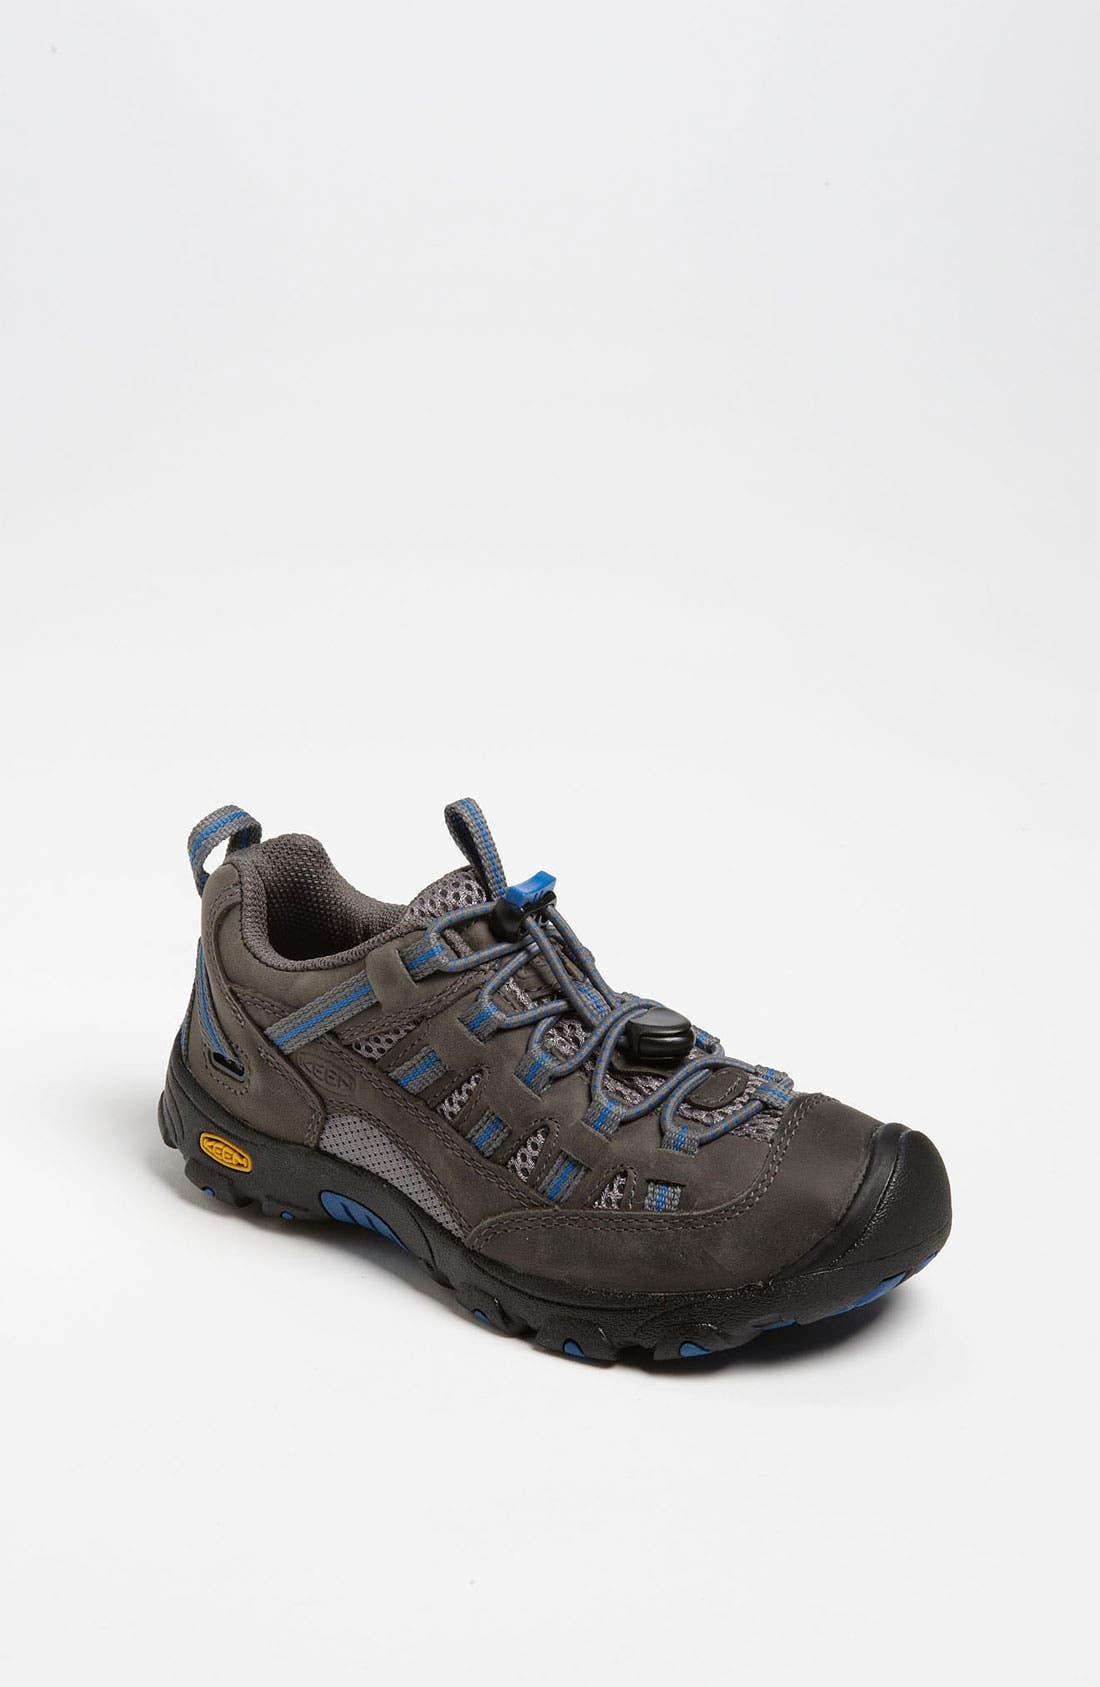 Alternate Image 1 Selected - Keen 'Alamosa' Sneaker (Baby & Walker)